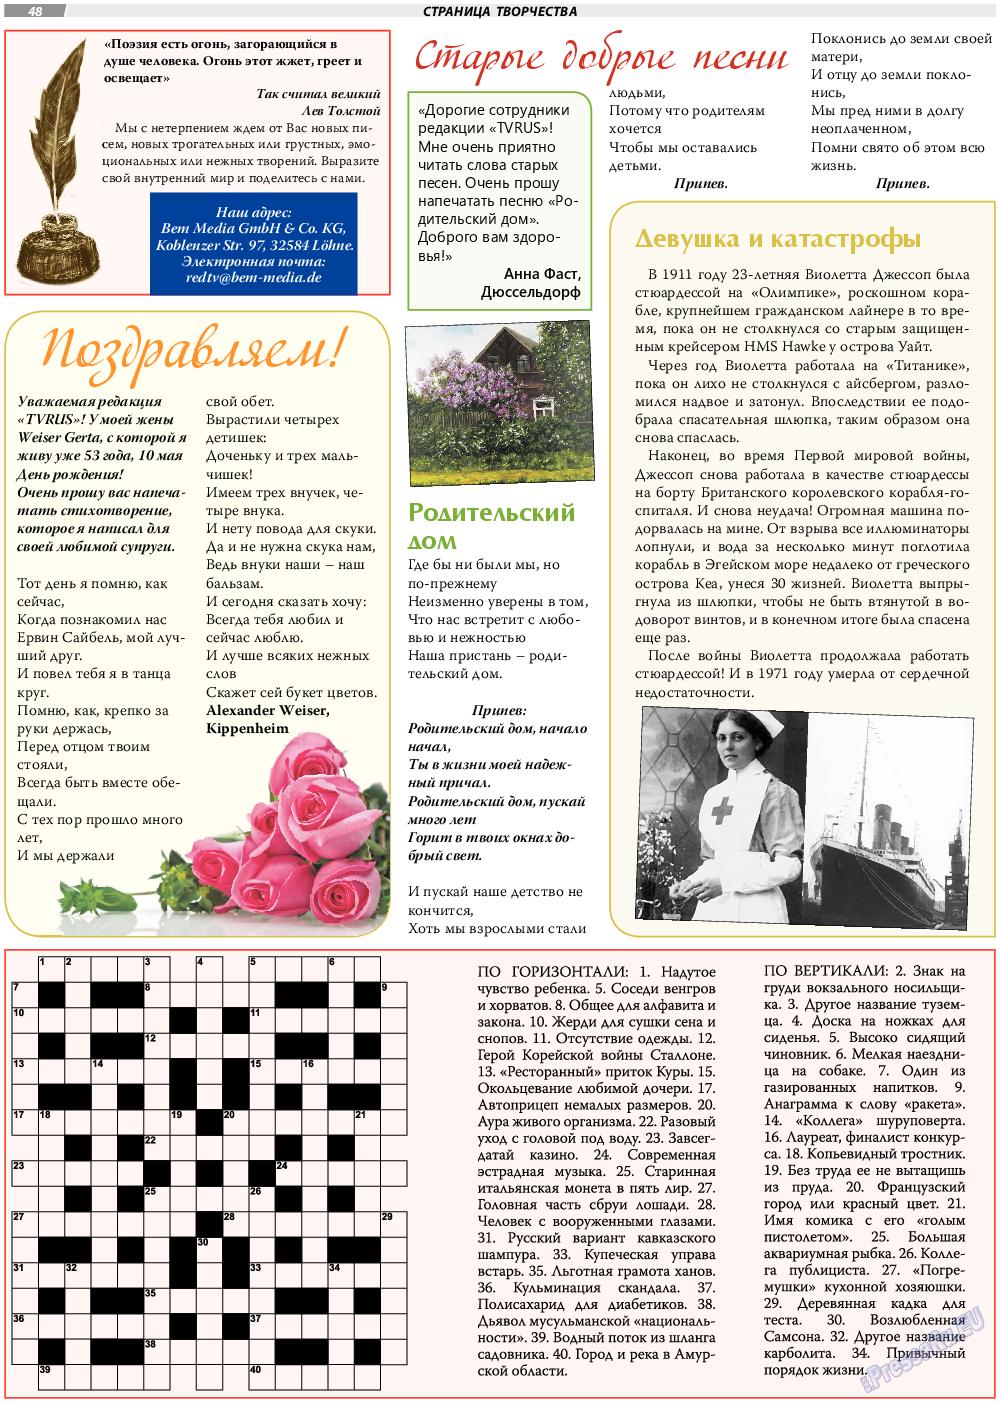 TVrus (газета). 2018 год, номер 20, стр. 48